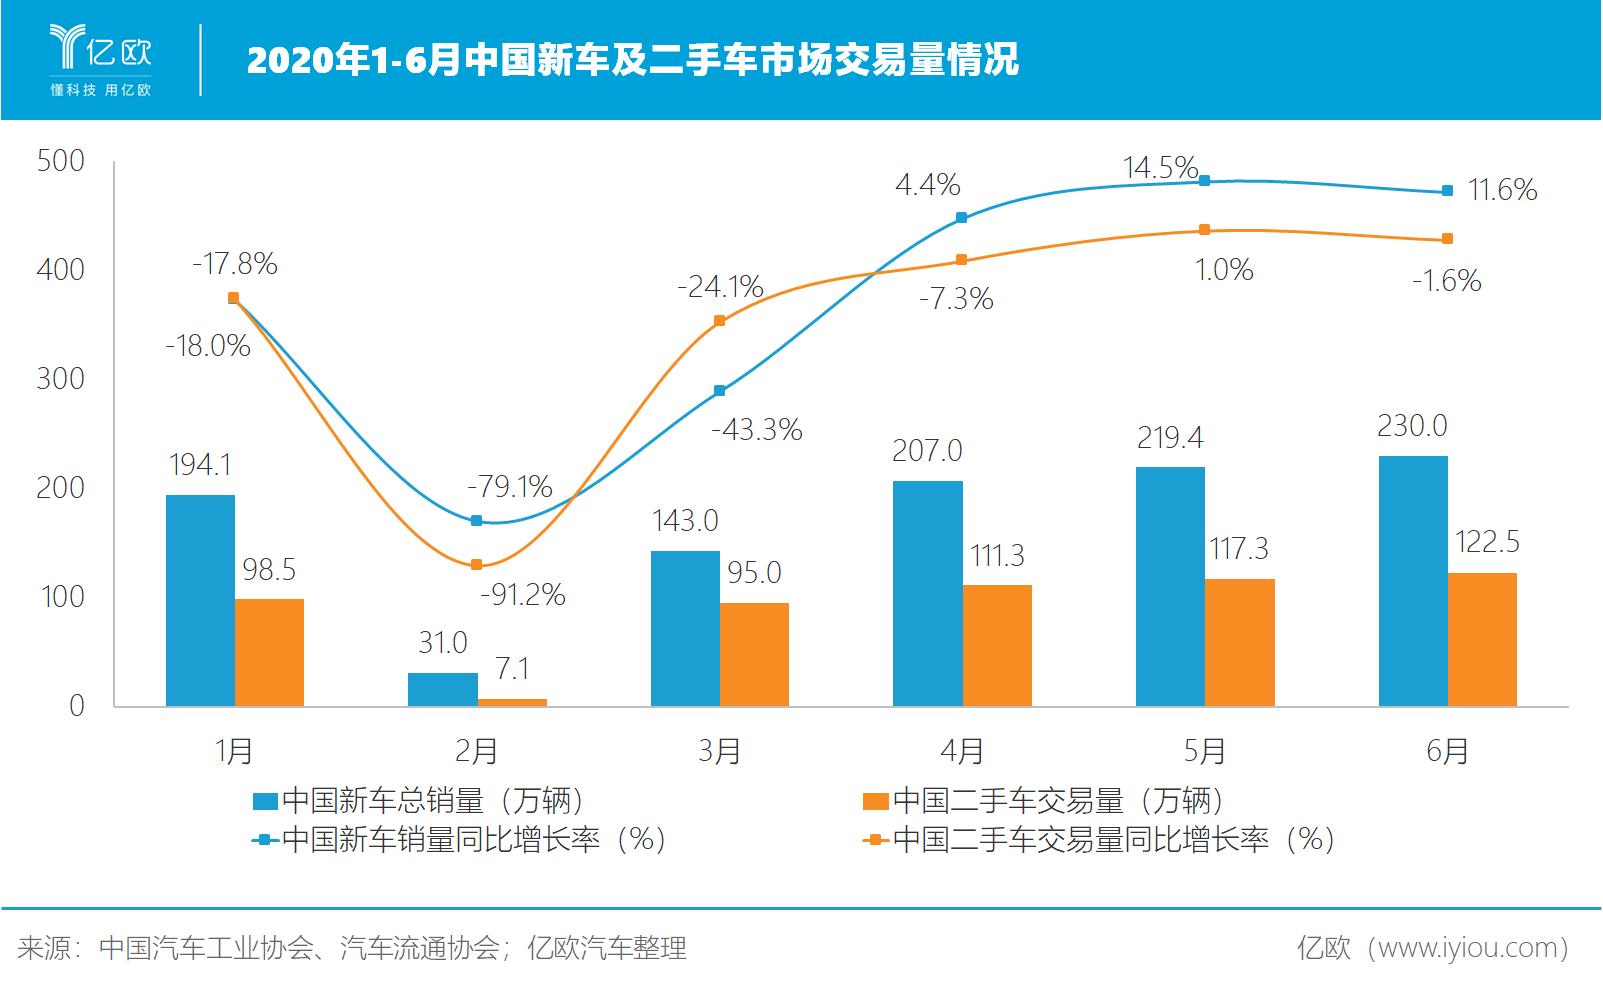 2020上半年中国新车及二手车市场交易量情况